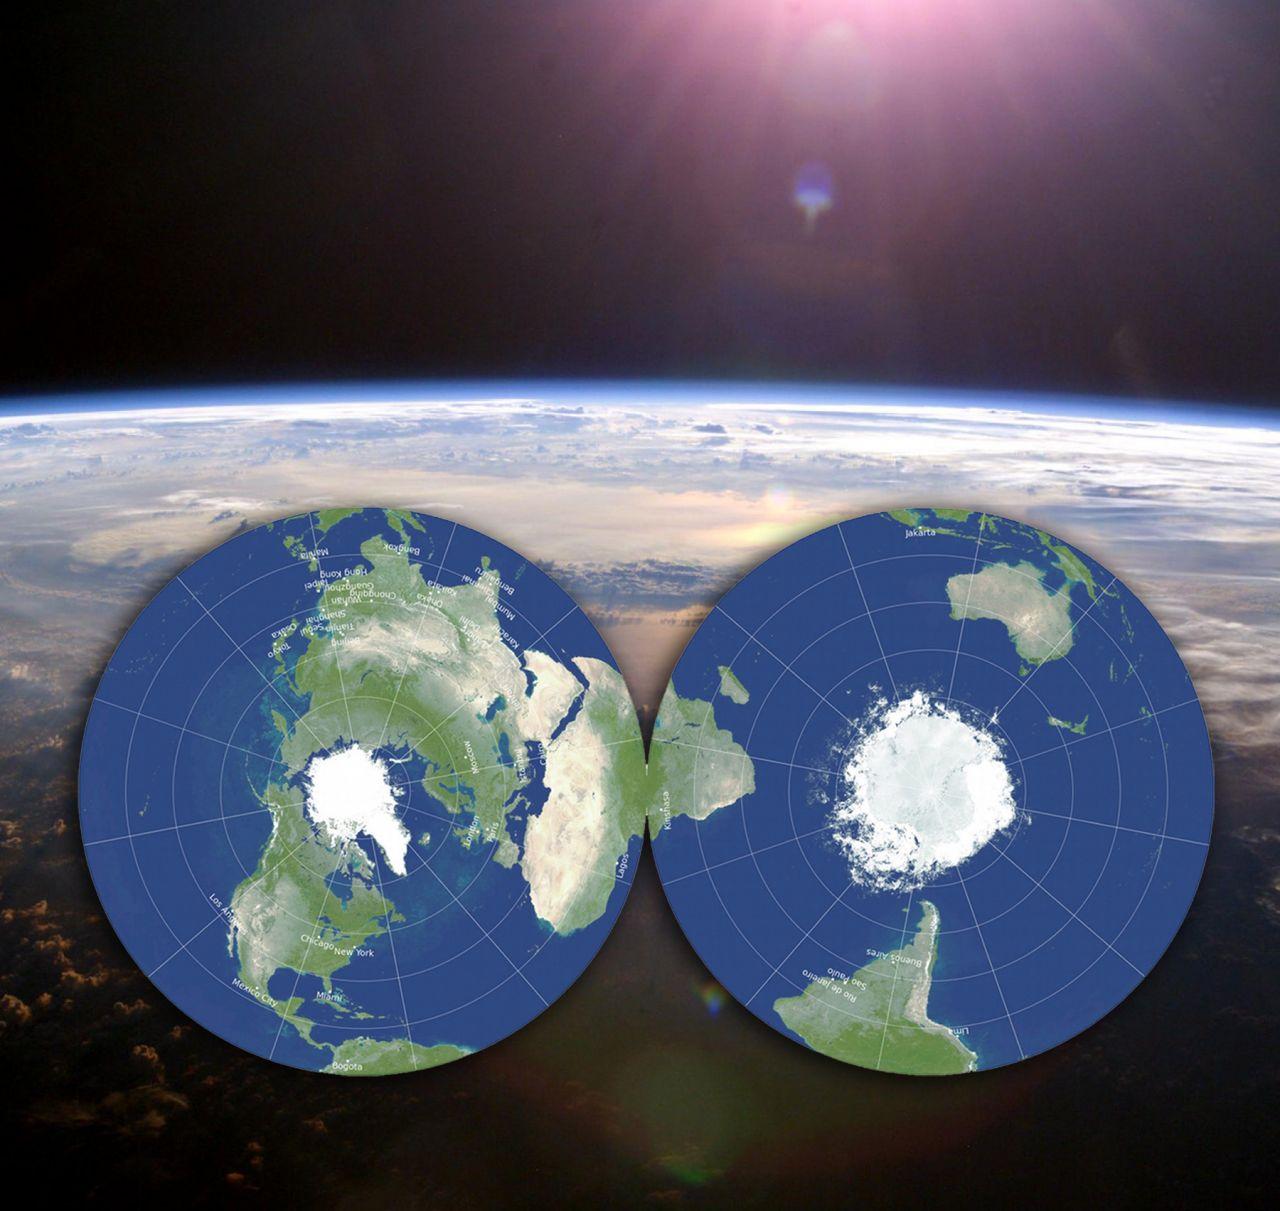 Neuer Blick auf die Erde: Eine Weltkarte, so genau wie nie zuvor